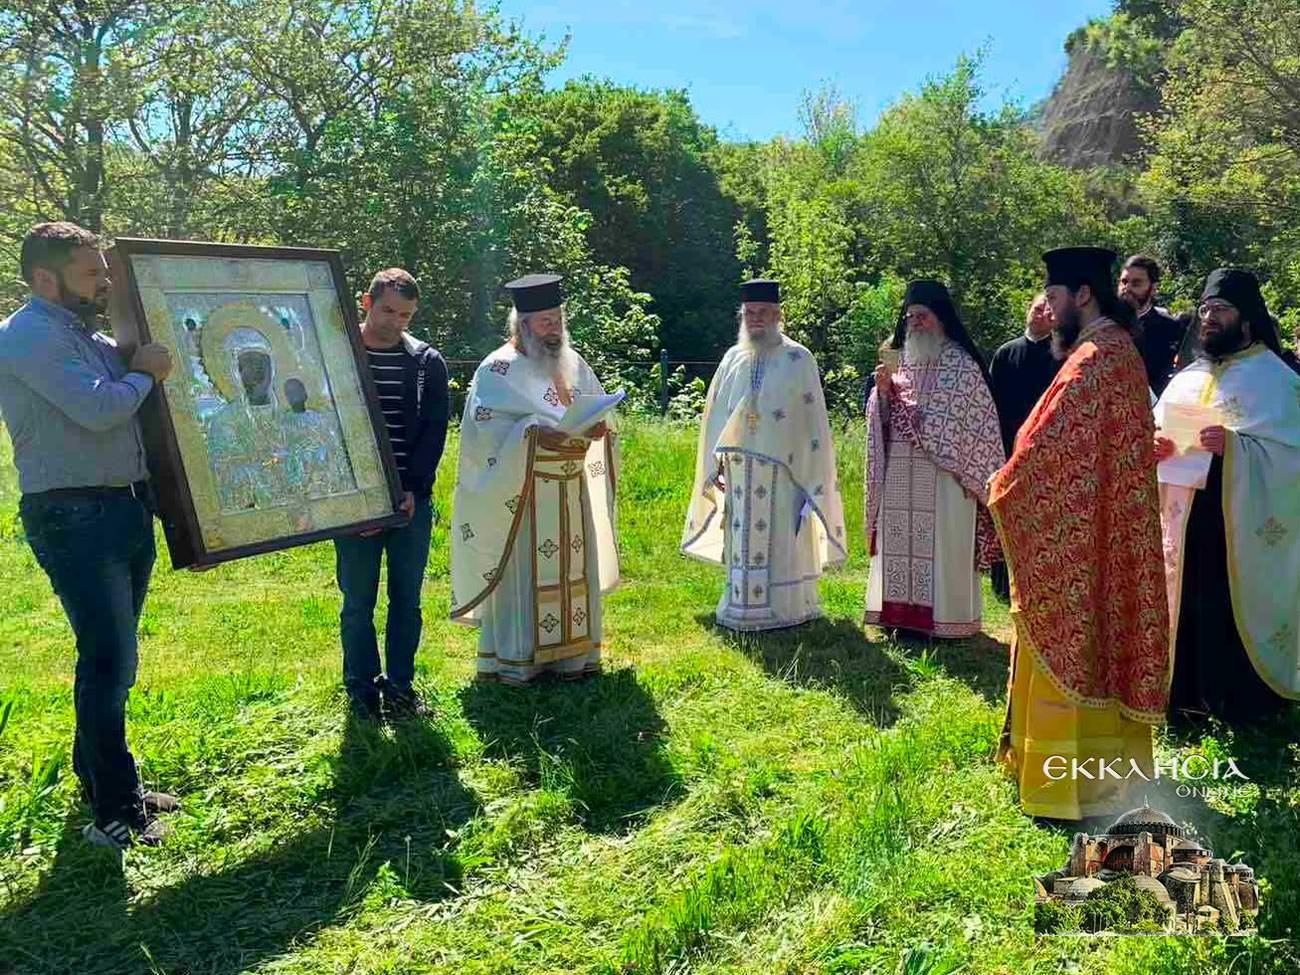 Λιτανεία εικόνας της Παναγίας στα Ελληνοαλβανικά σύνορα